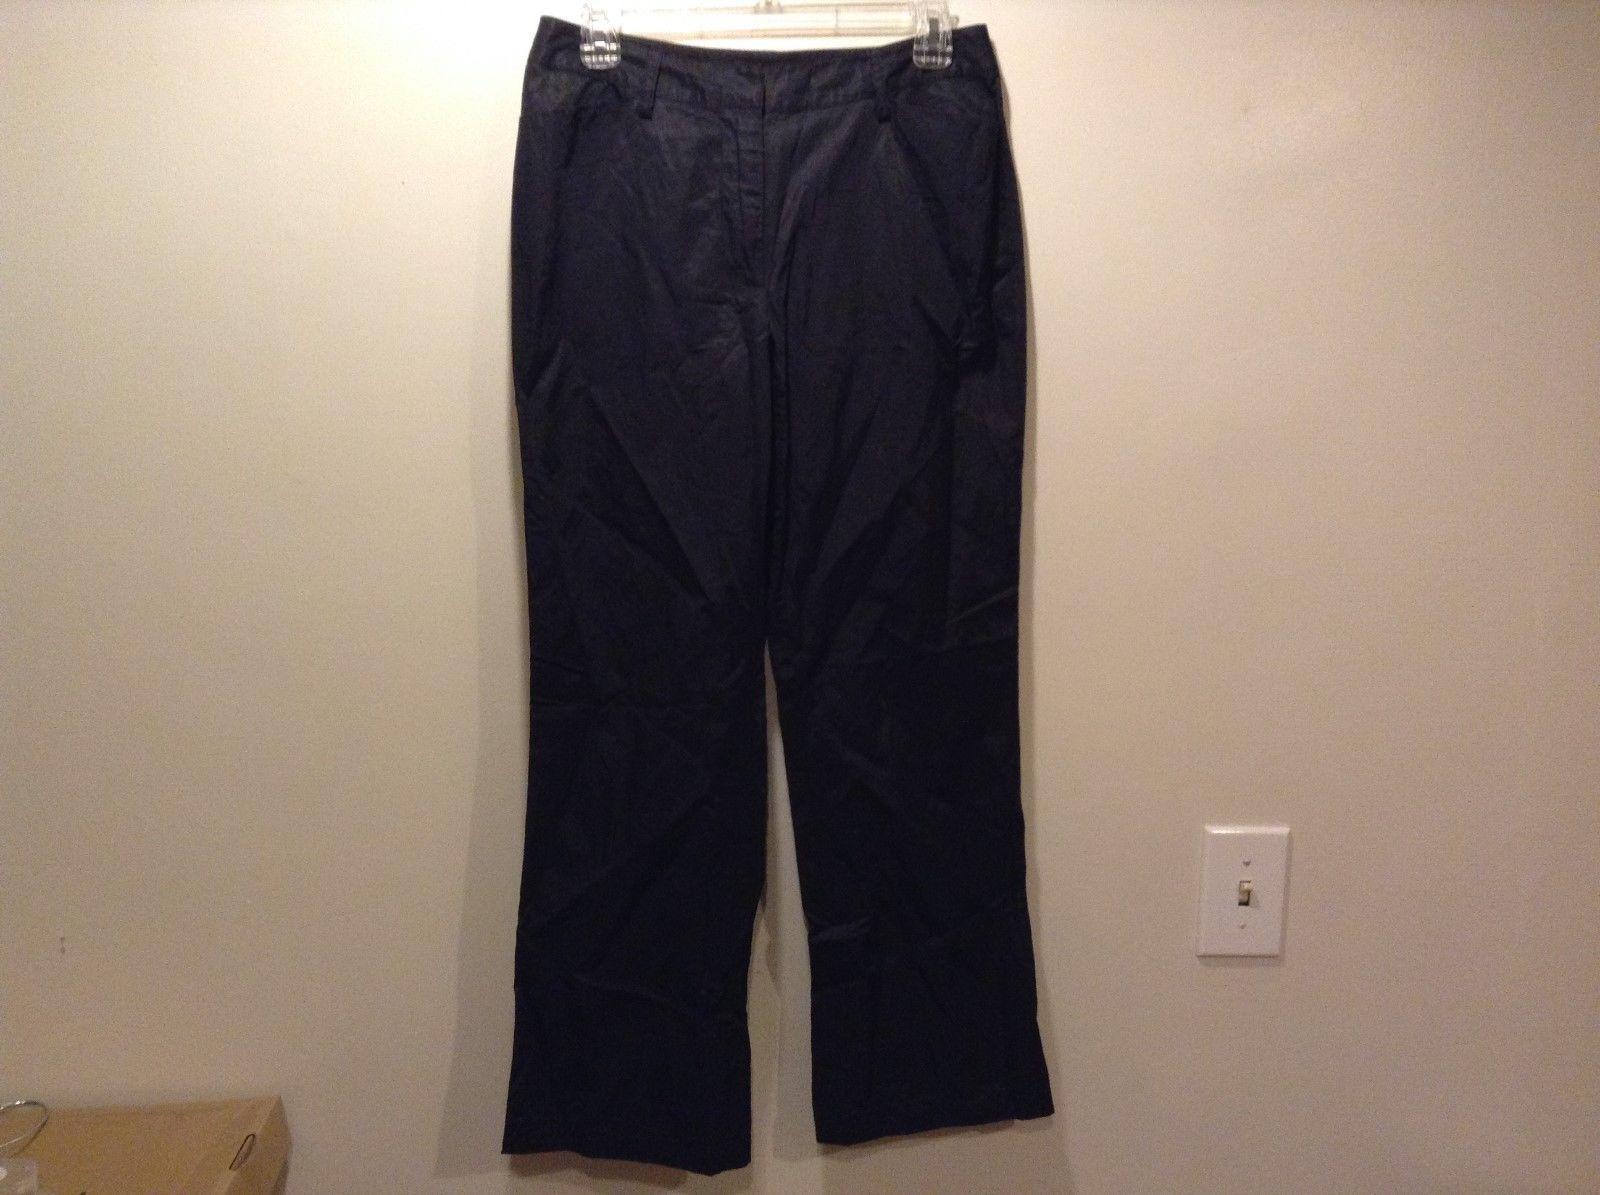 Spanner Ladies Dark Metallic Casual Pants Sz 4